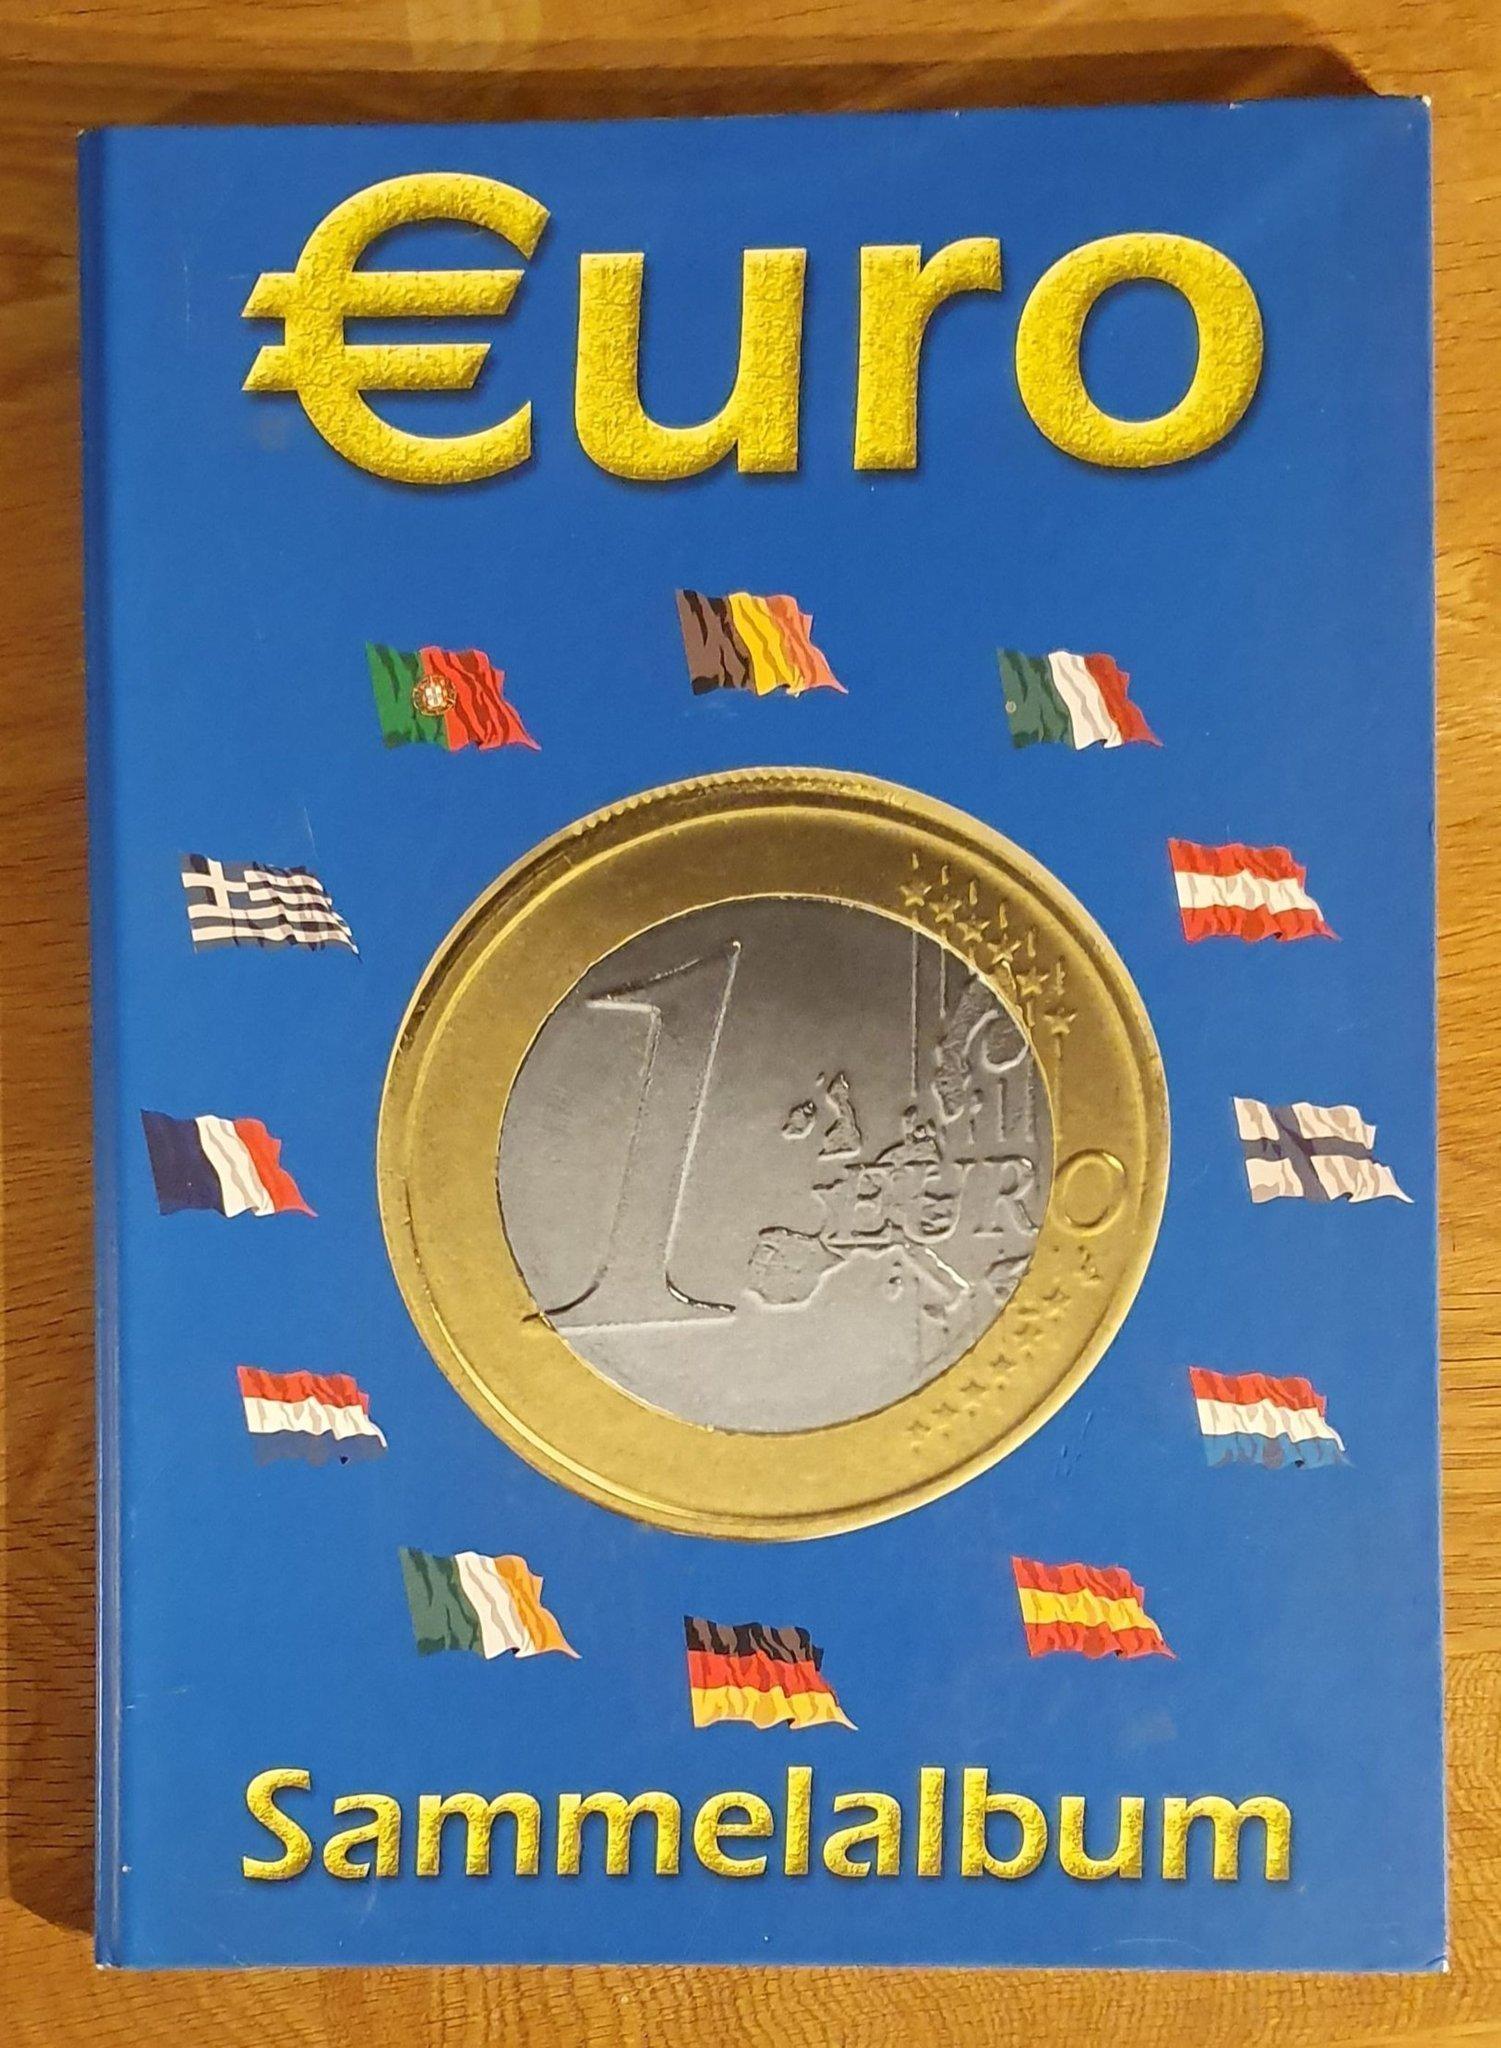 91 euro to sek